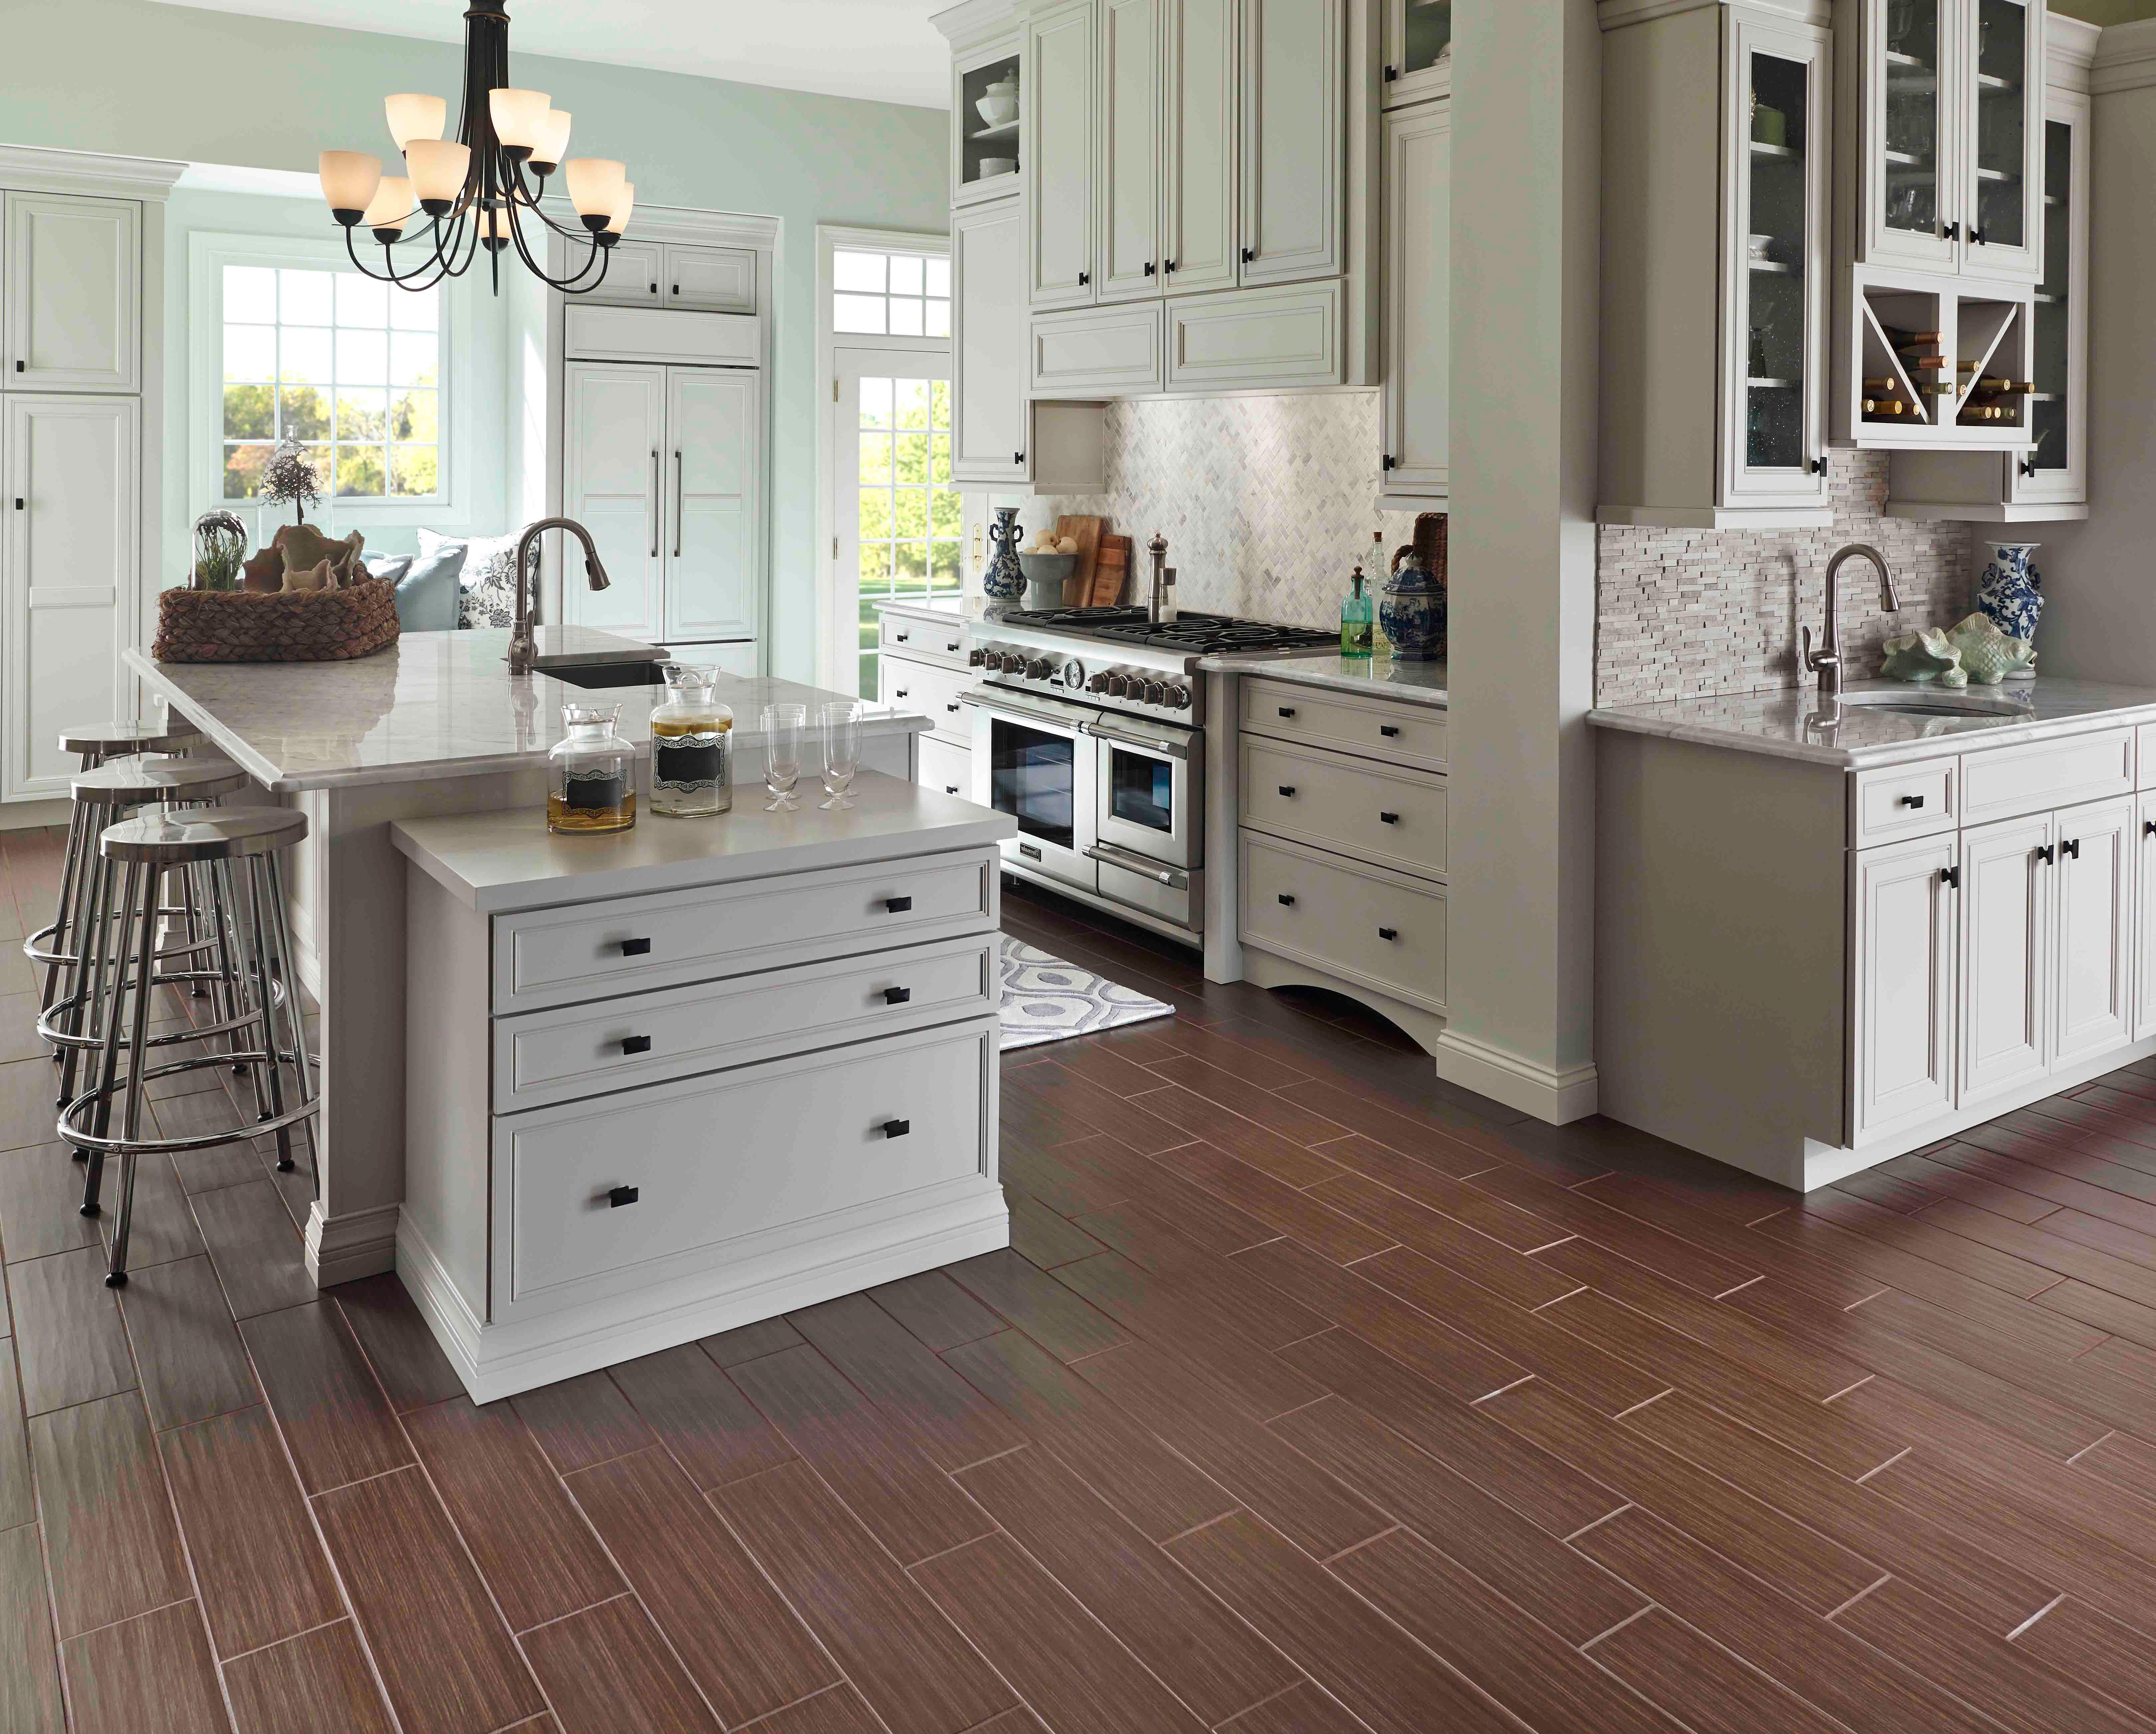 2015 hot kitchen trends part 1 cabinets. Black Bedroom Furniture Sets. Home Design Ideas